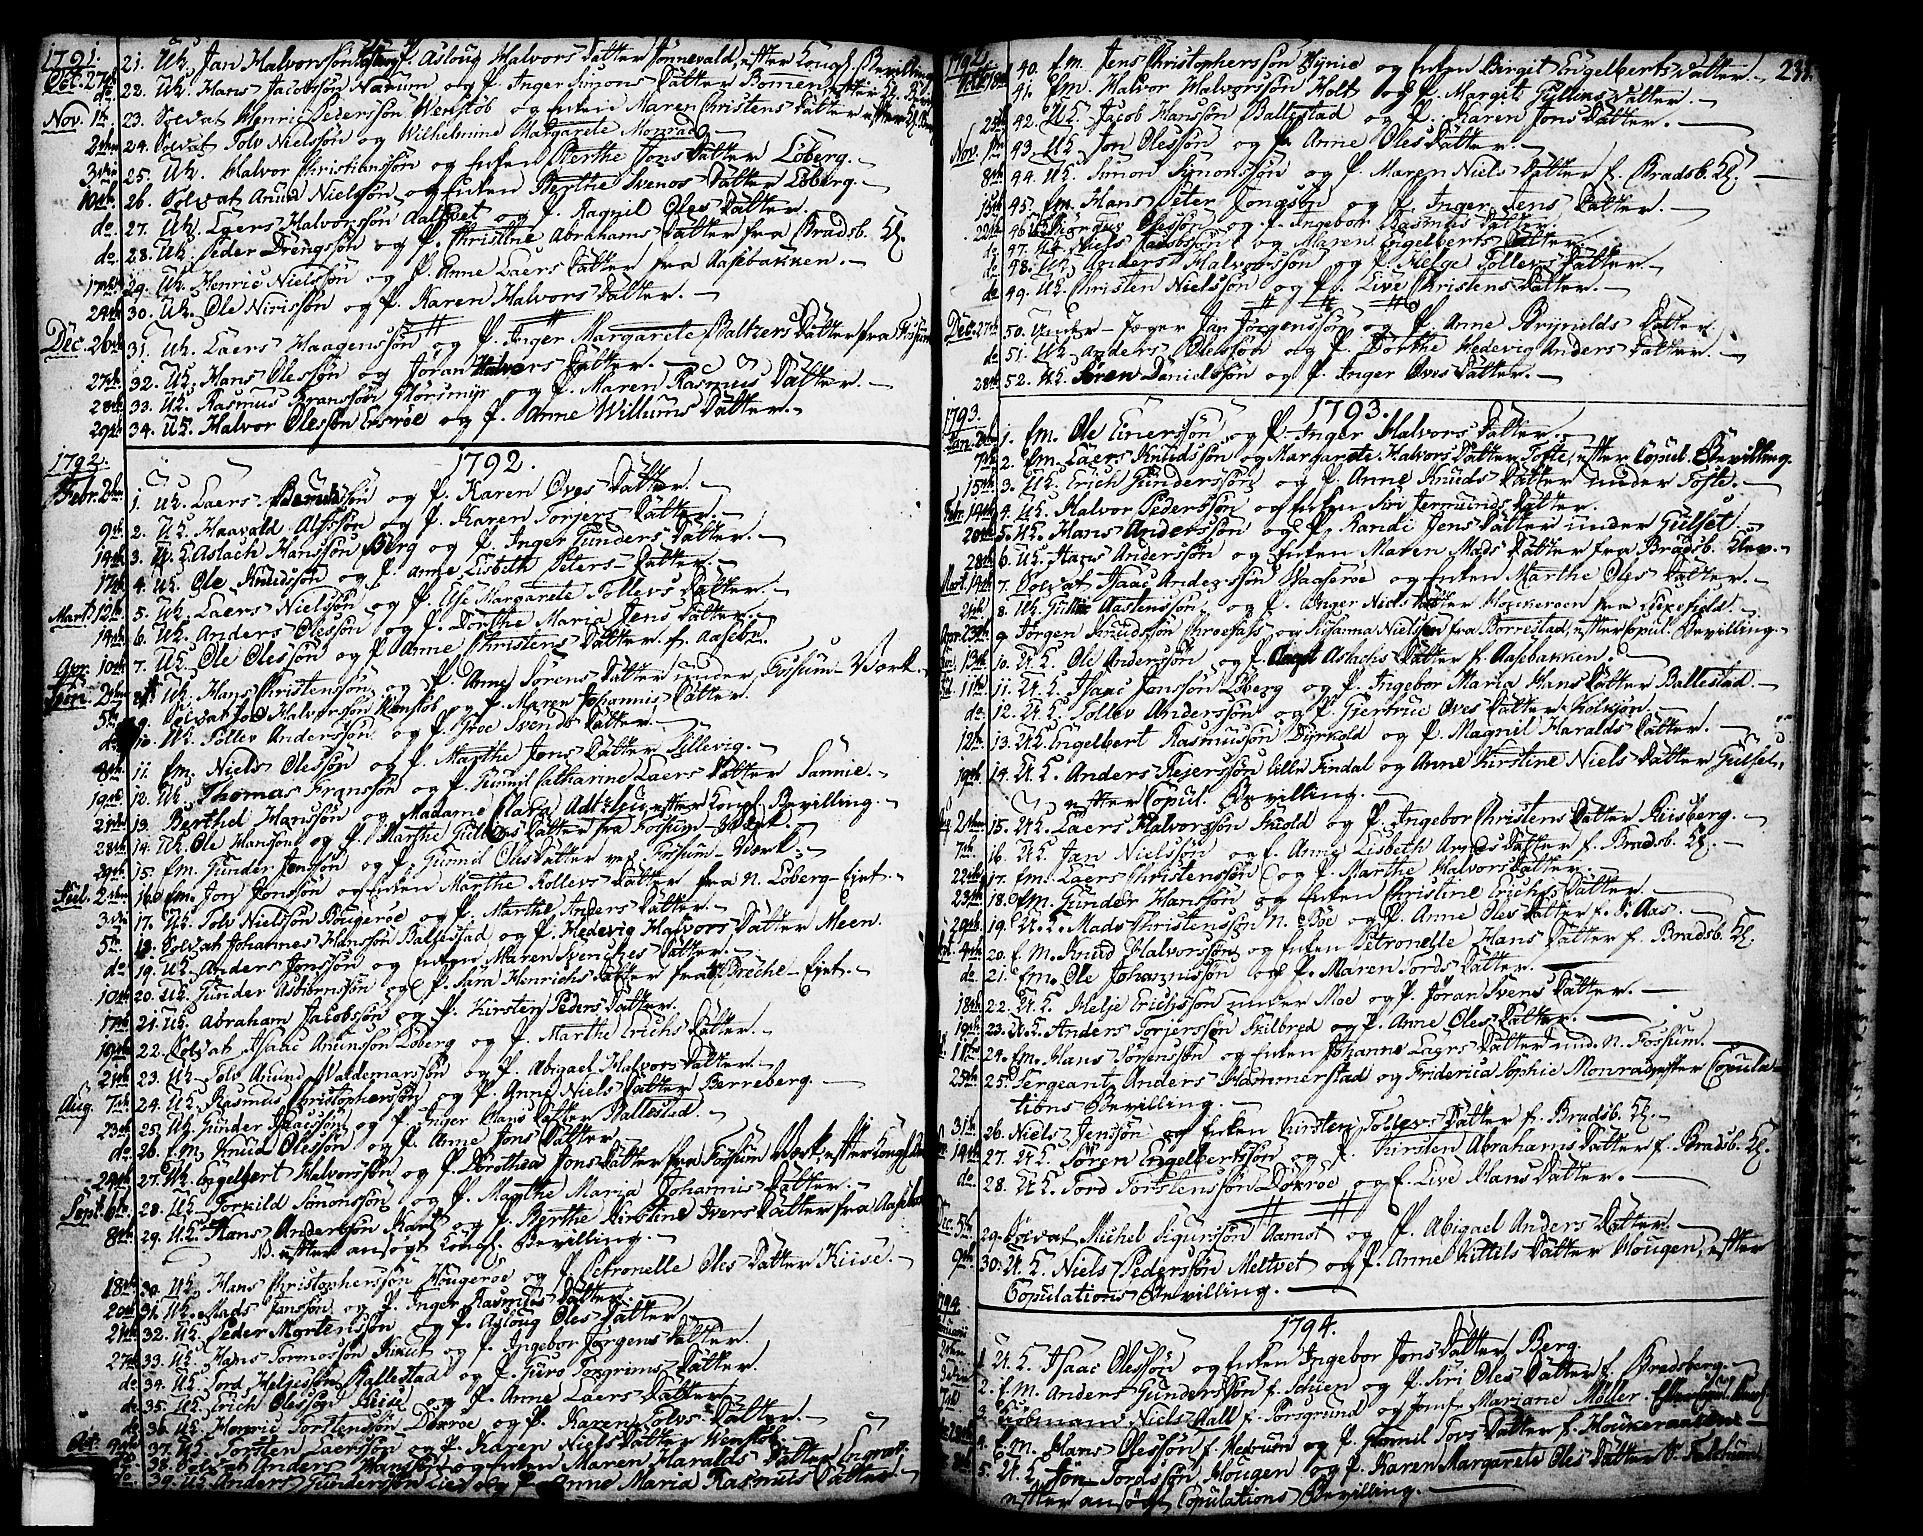 SAKO, Gjerpen kirkebøker, F/Fa/L0002: Ministerialbok nr. 2, 1747-1795, s. 233